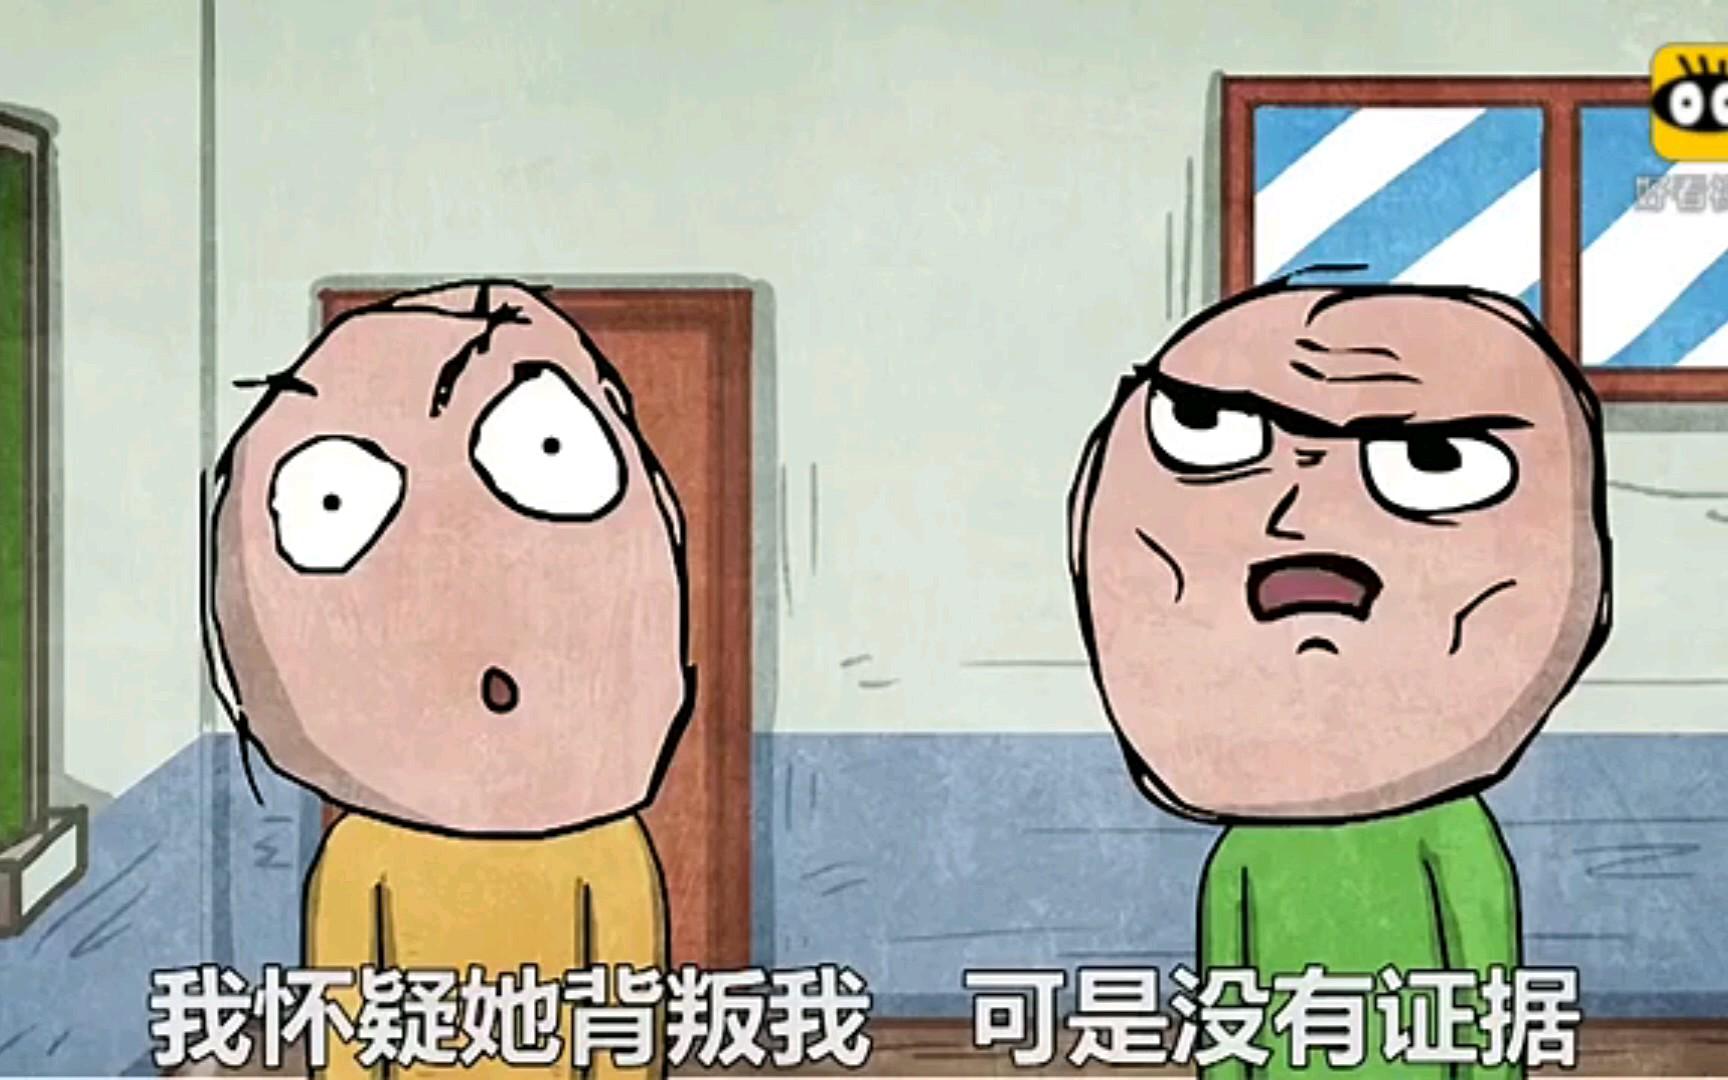 习大大暴走漫画表情_转载暴走漫画每日一暴_哔哩哔哩 (゜-゜)つロ 干杯~-bilibili